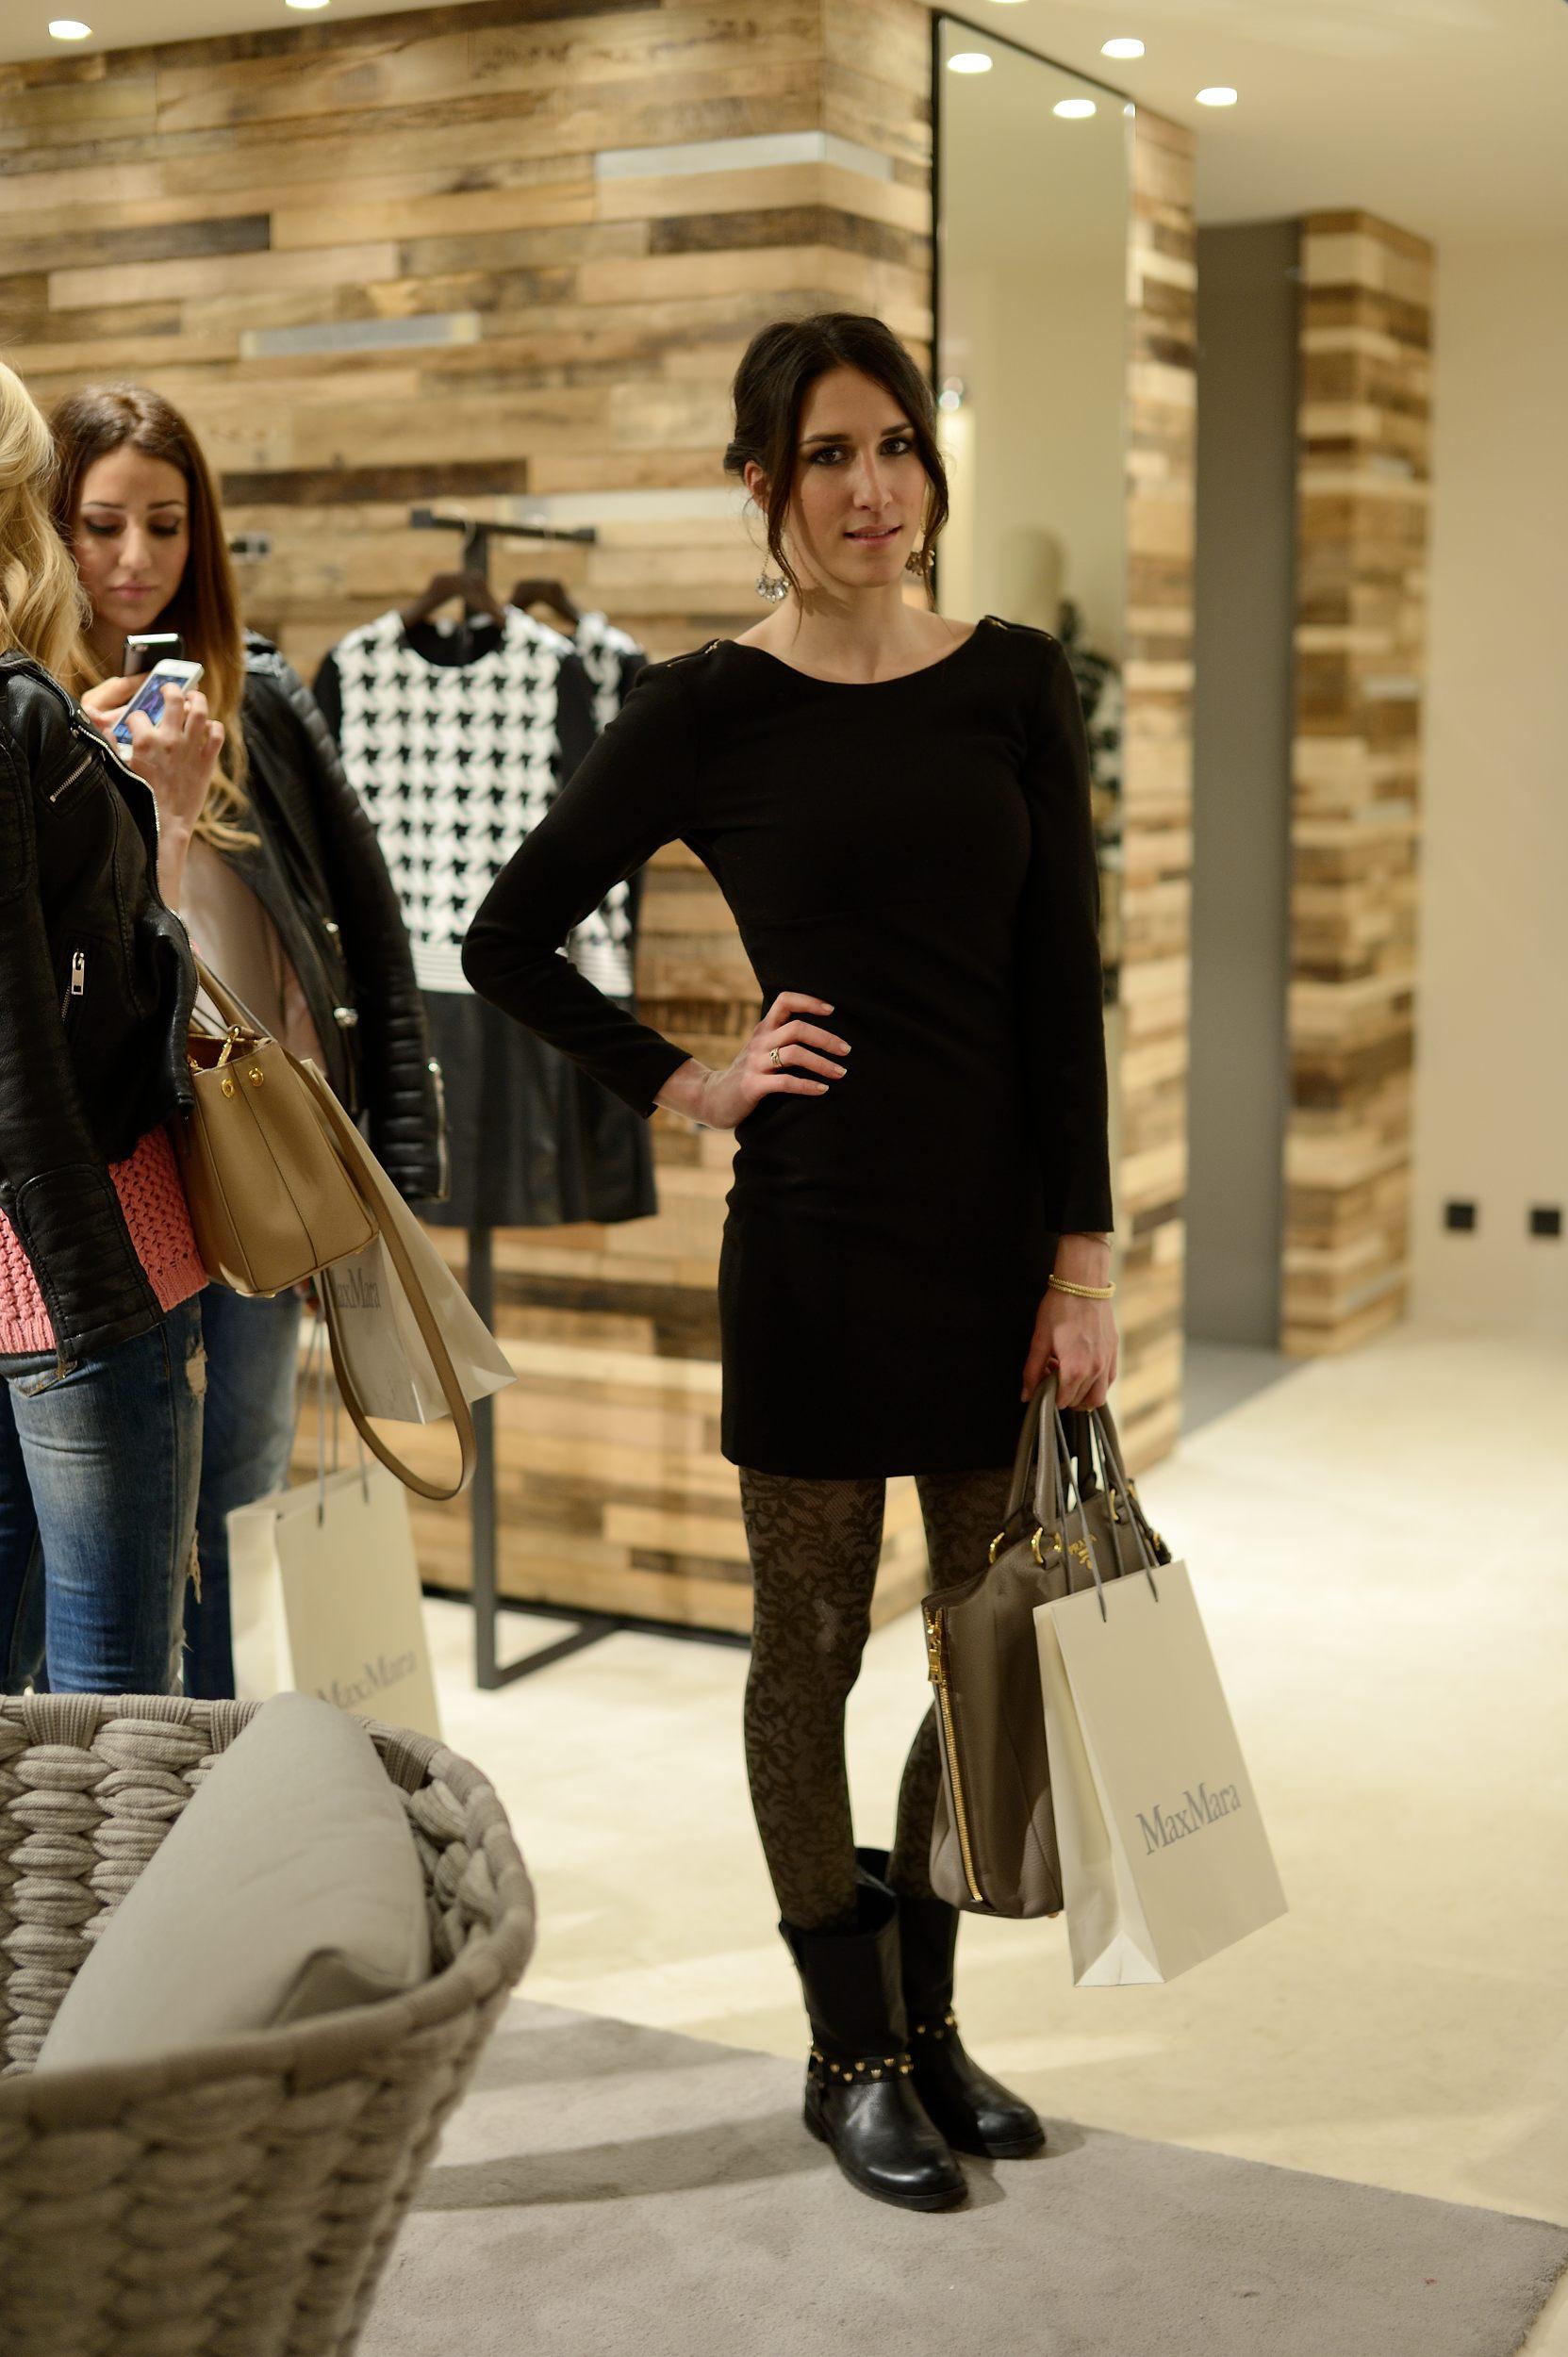 Jelisaveta Orasanin 2 Max Mara: Ovako je bilo na otvaranju nove prodavnice